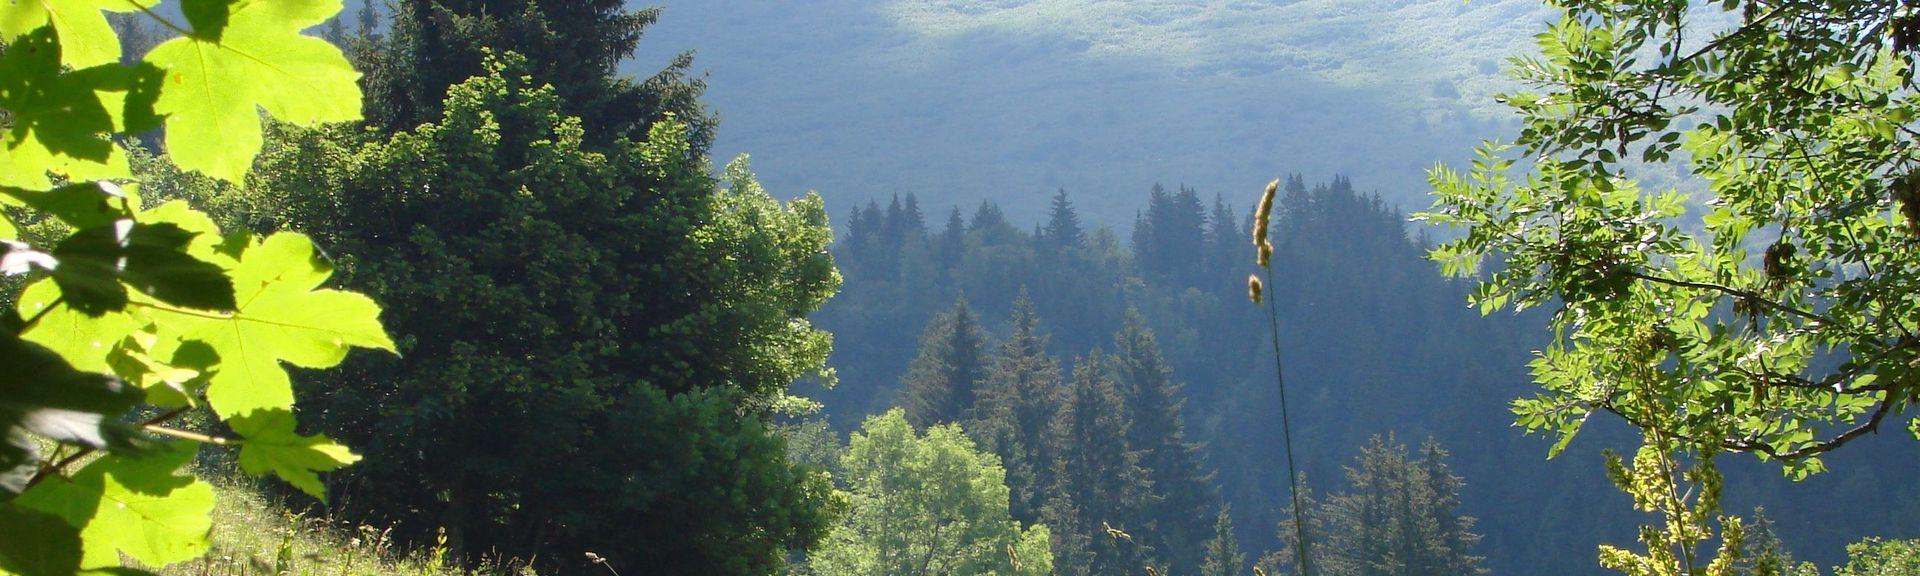 Doucy-Combelouvière, La Léchère, Auvergne-Rhône-Alpes, Frankrijk